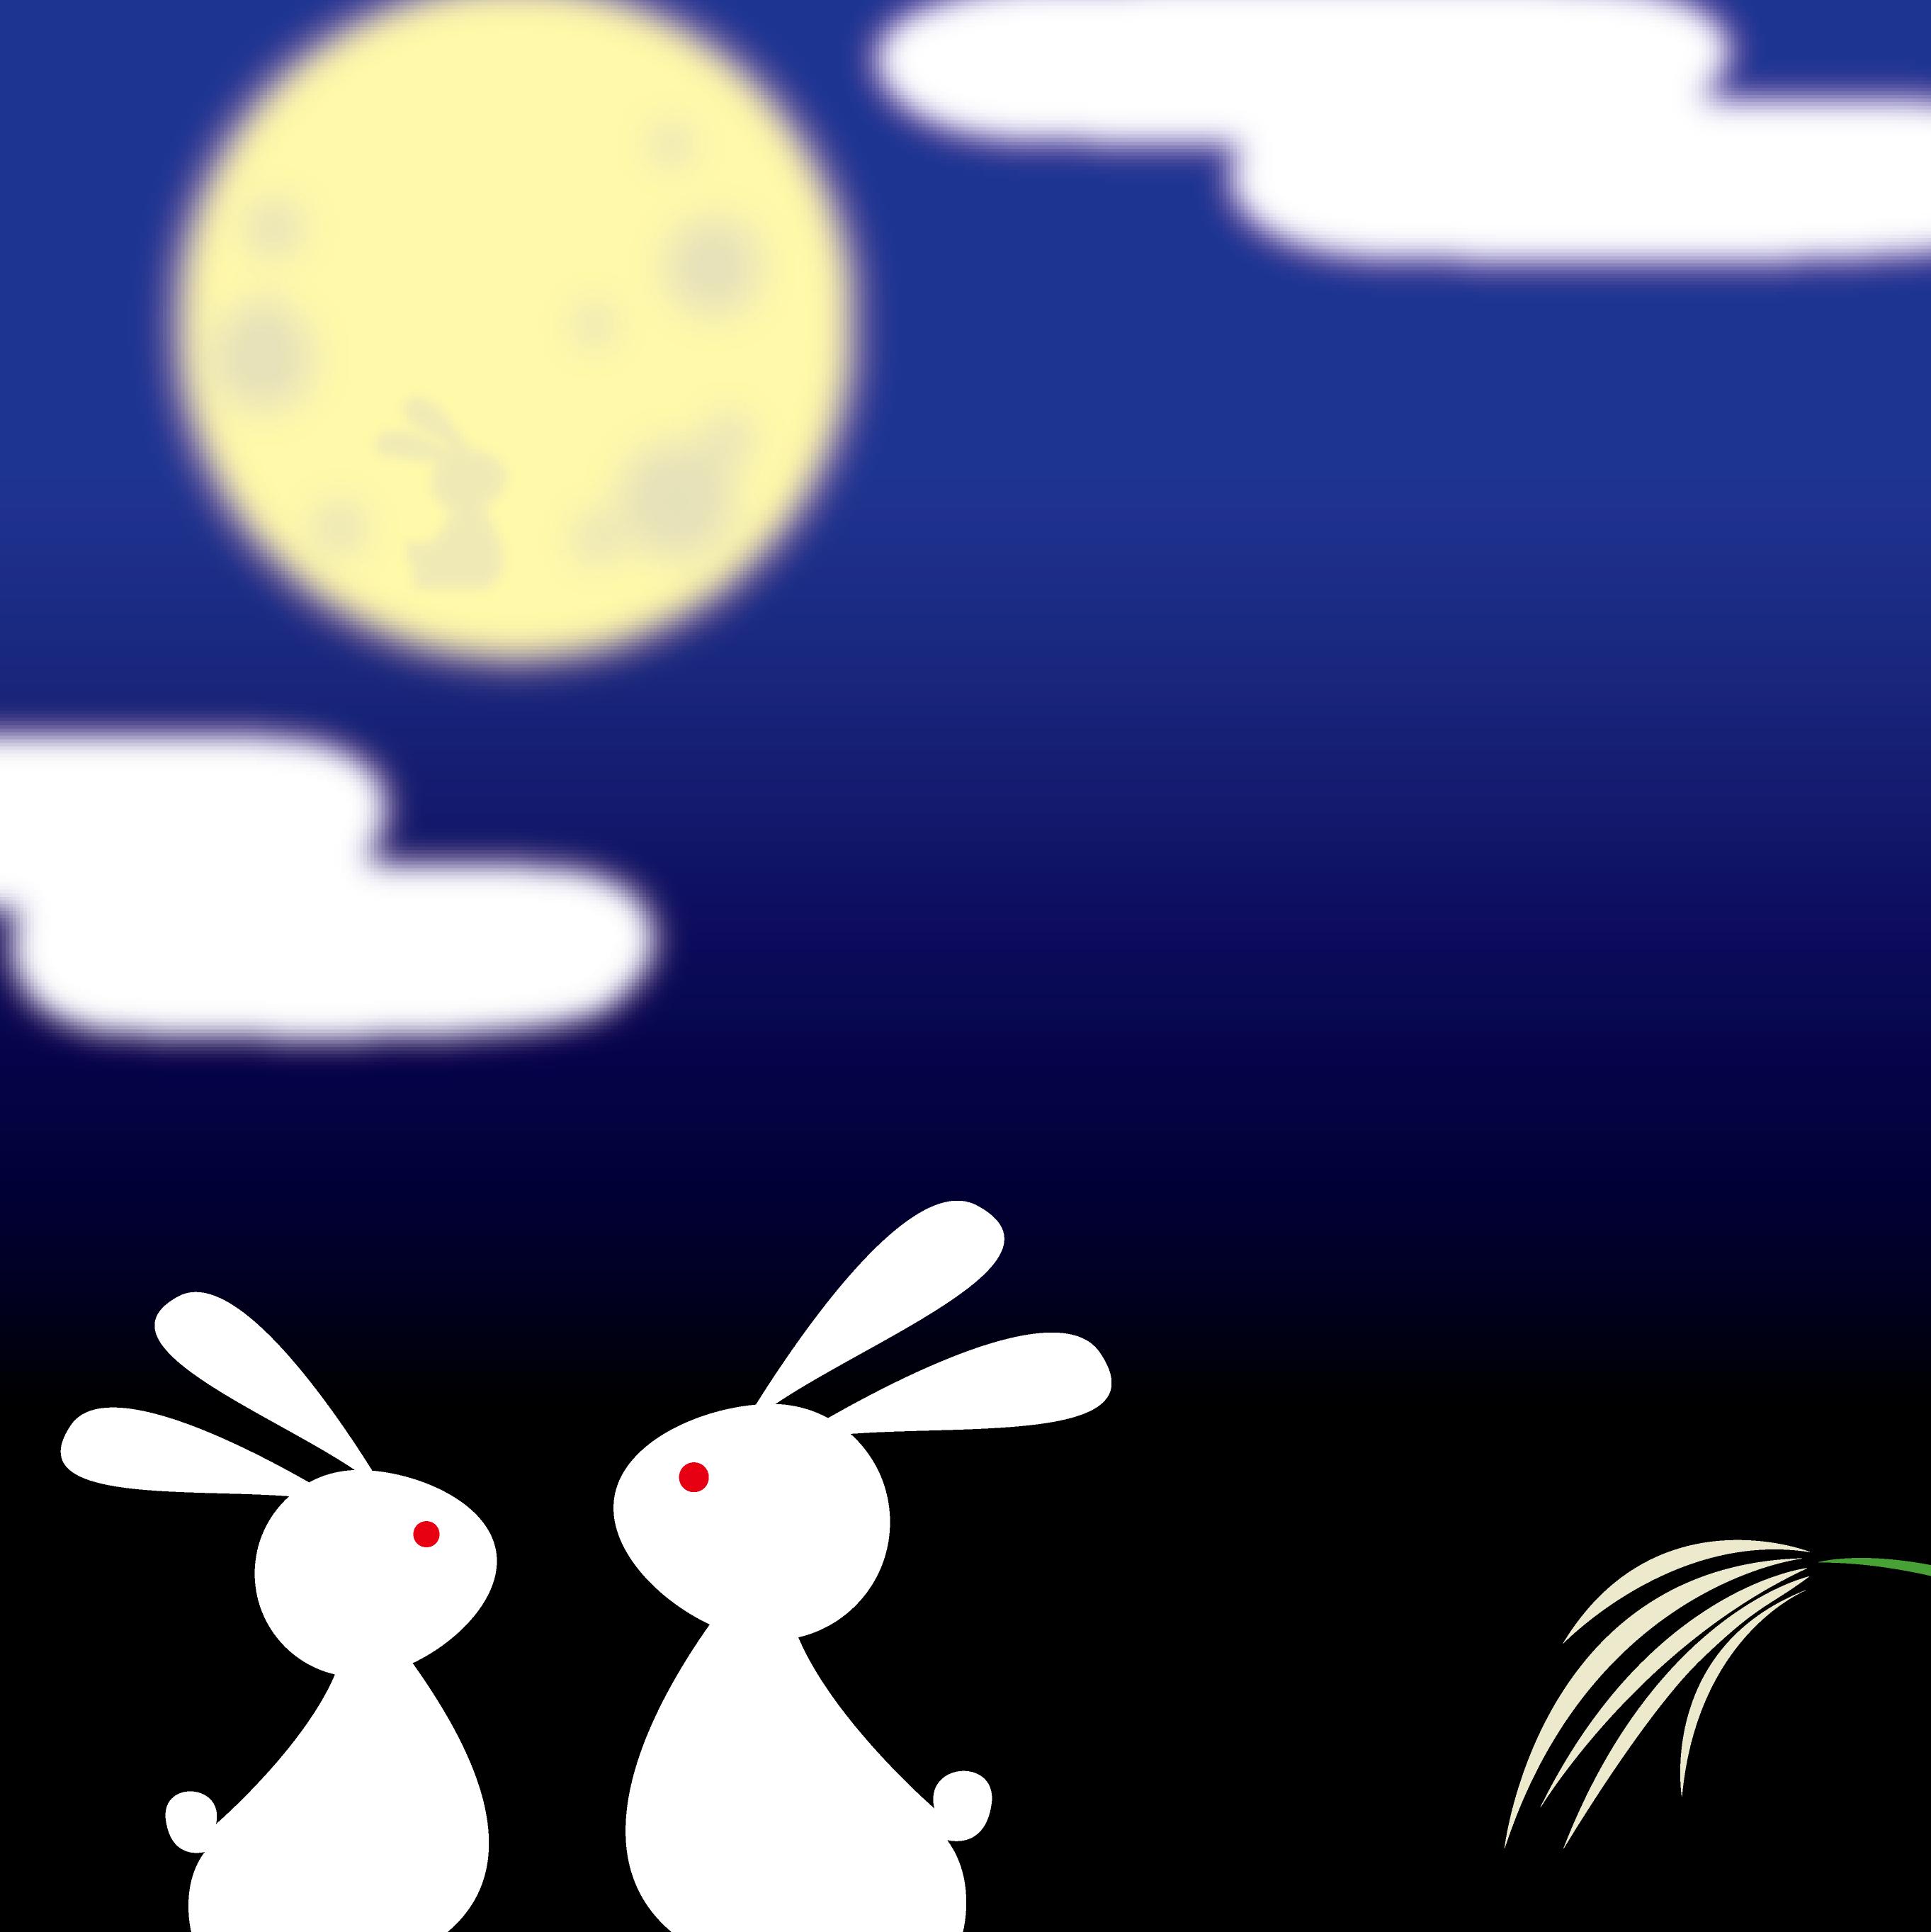 9月24日は中秋の名月!月アイテムでお月見しましょ♪